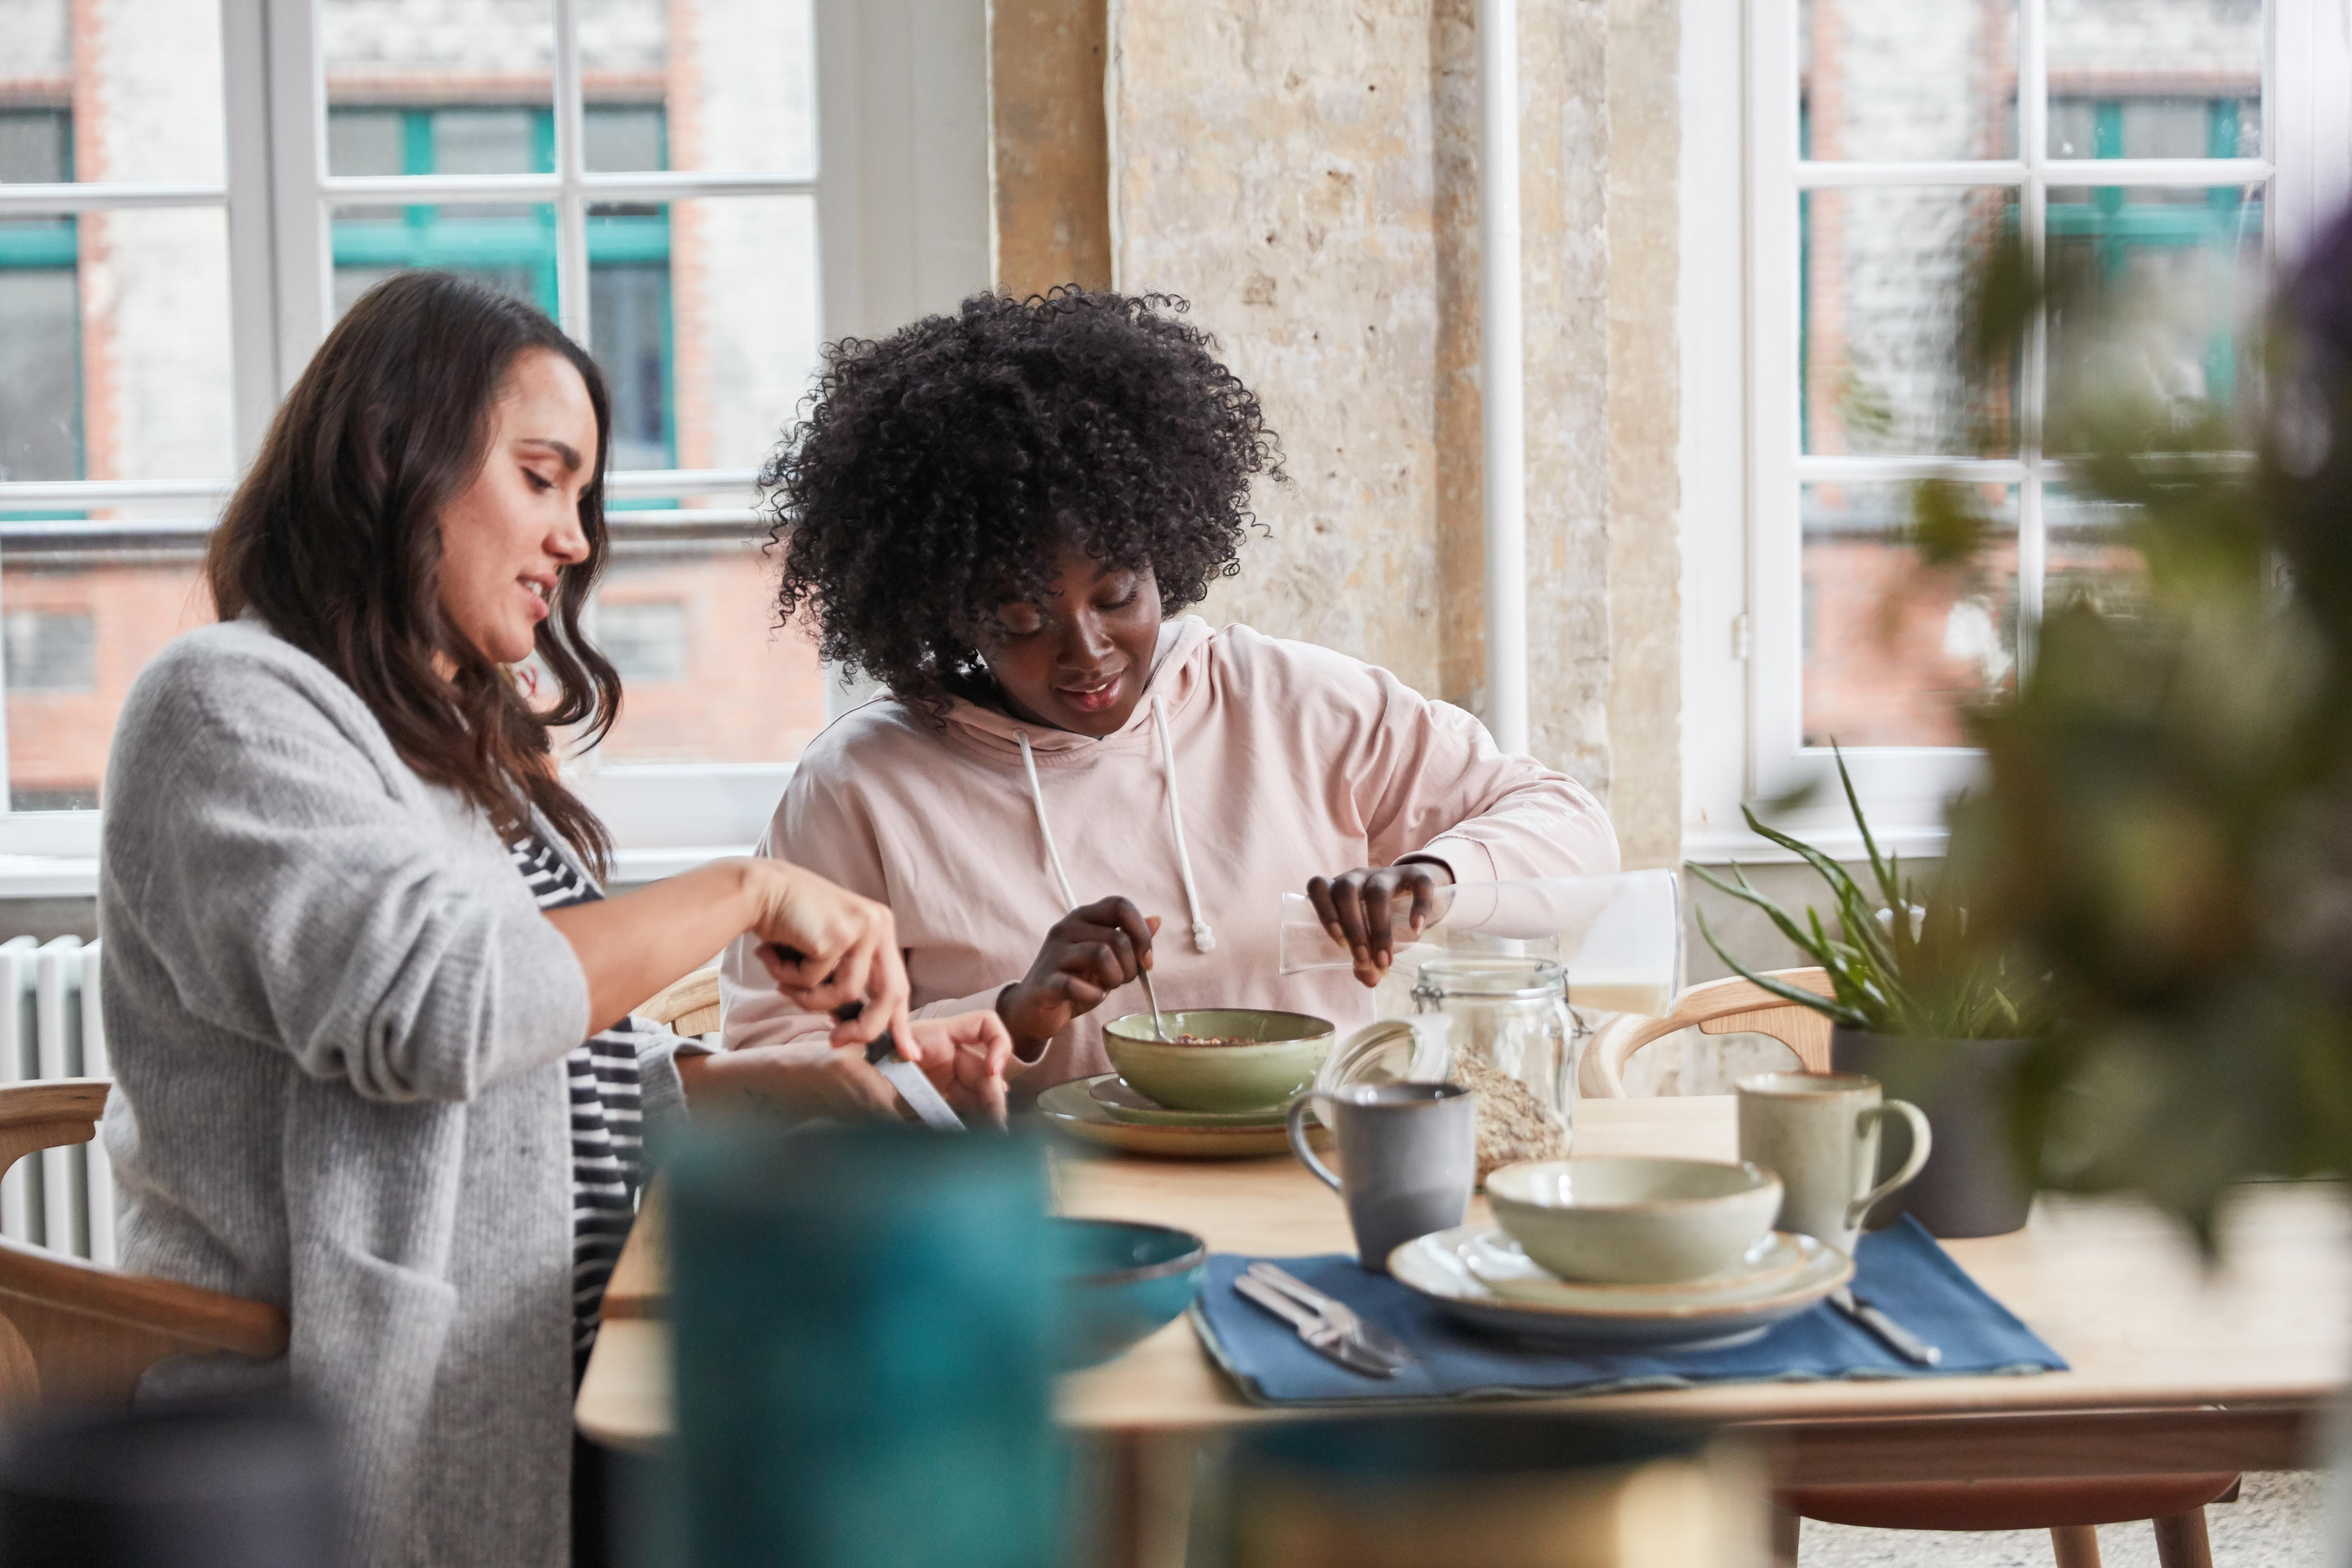 two-women-eating-breakfast